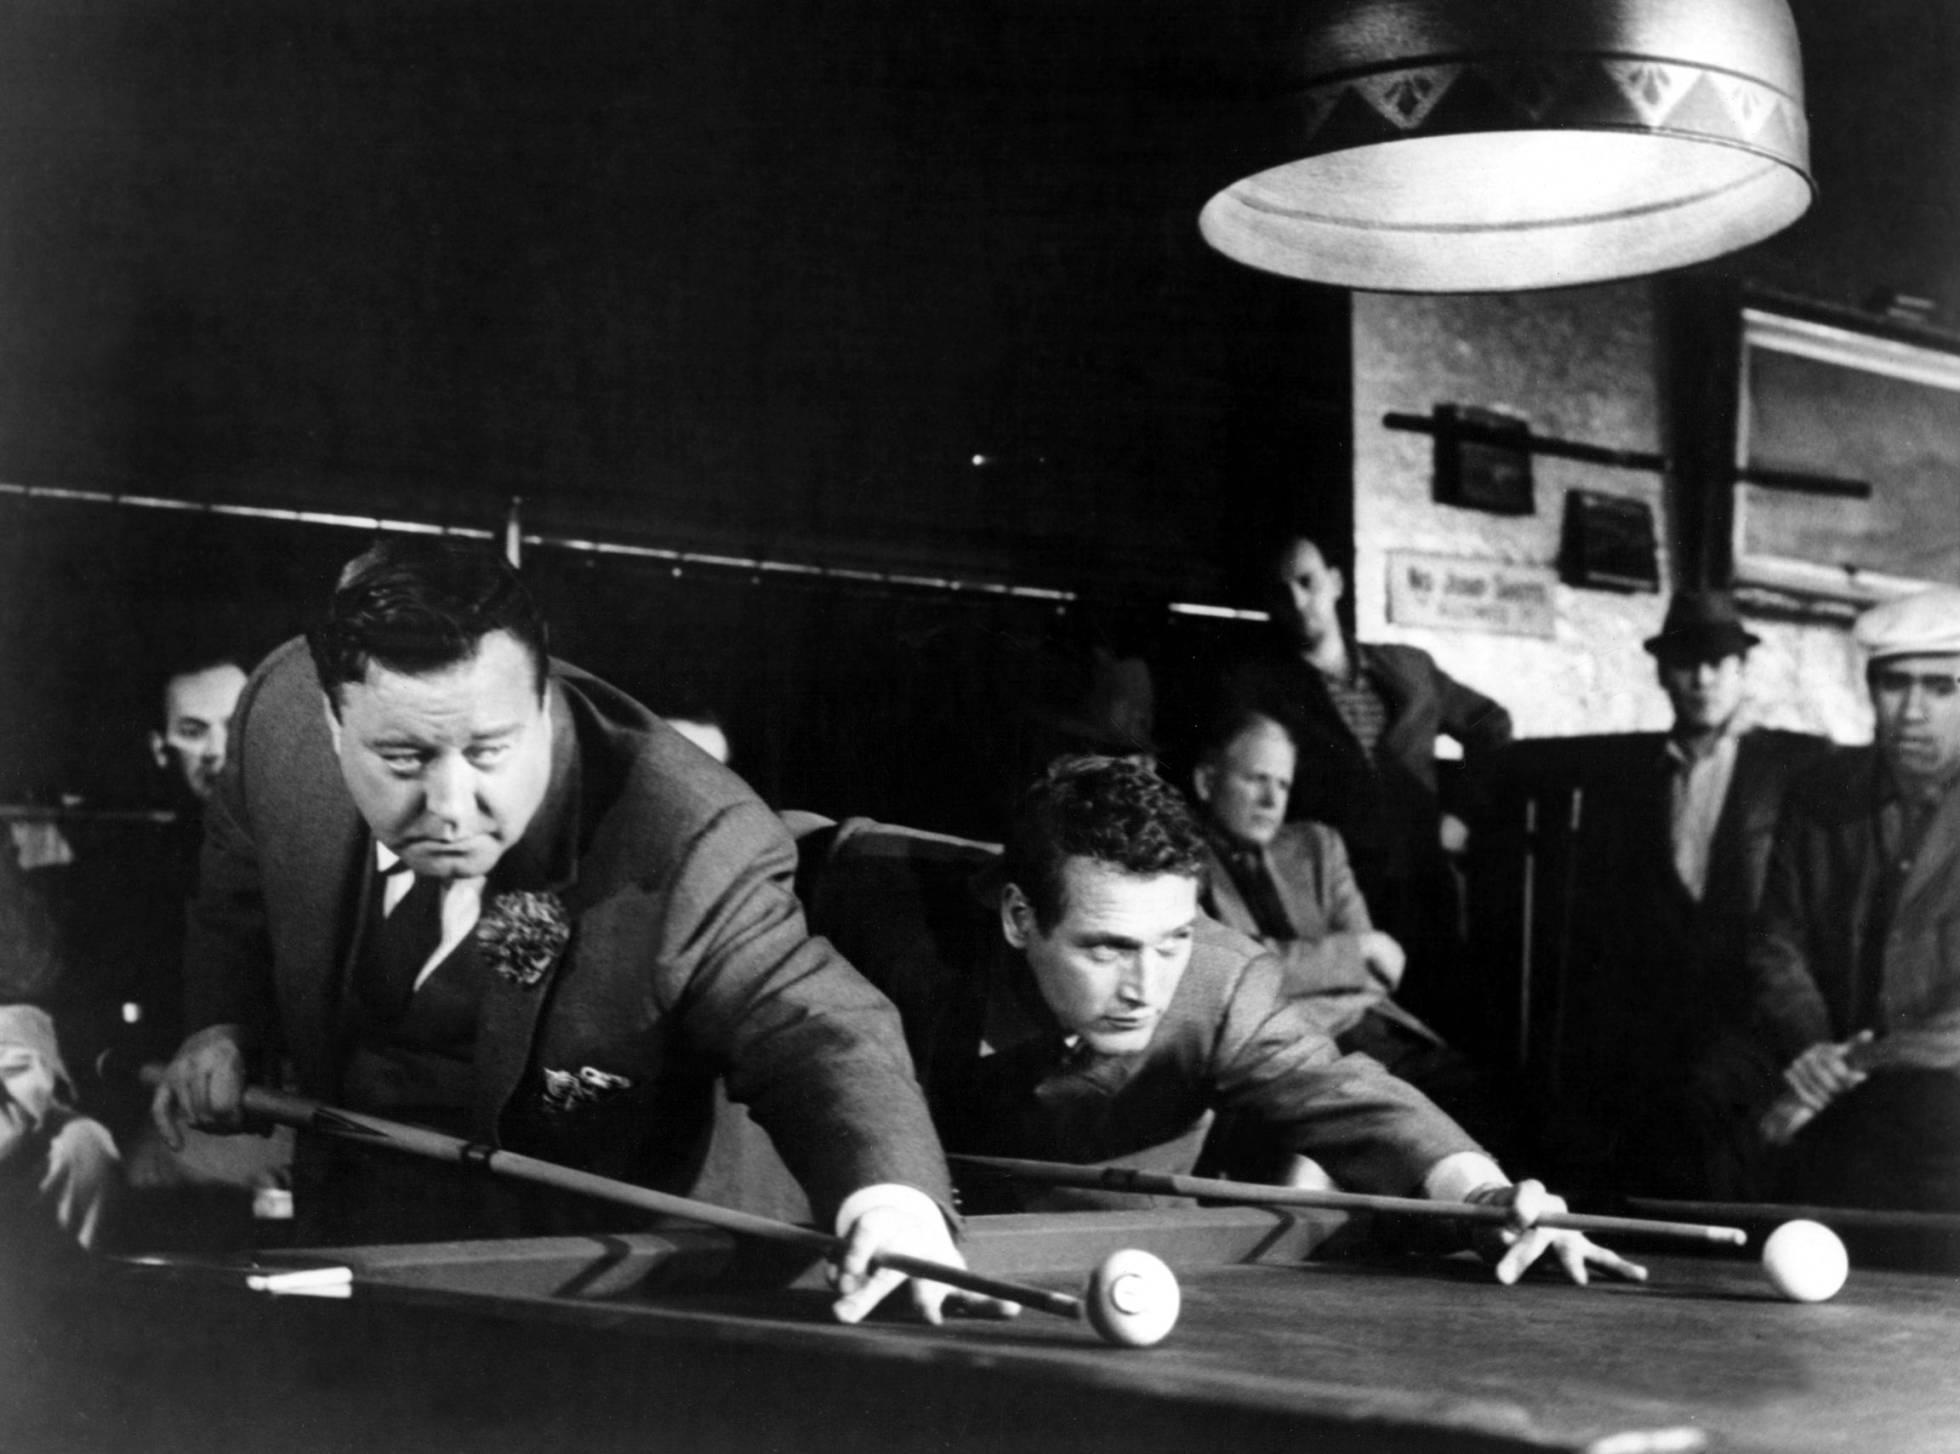 Jackie Gleason e Paul Newman en 'El Espidas', unha rivalidade ao redor da mesa de billar.'El buscavidas', una rivalidad alrededor de la mesa de billar.